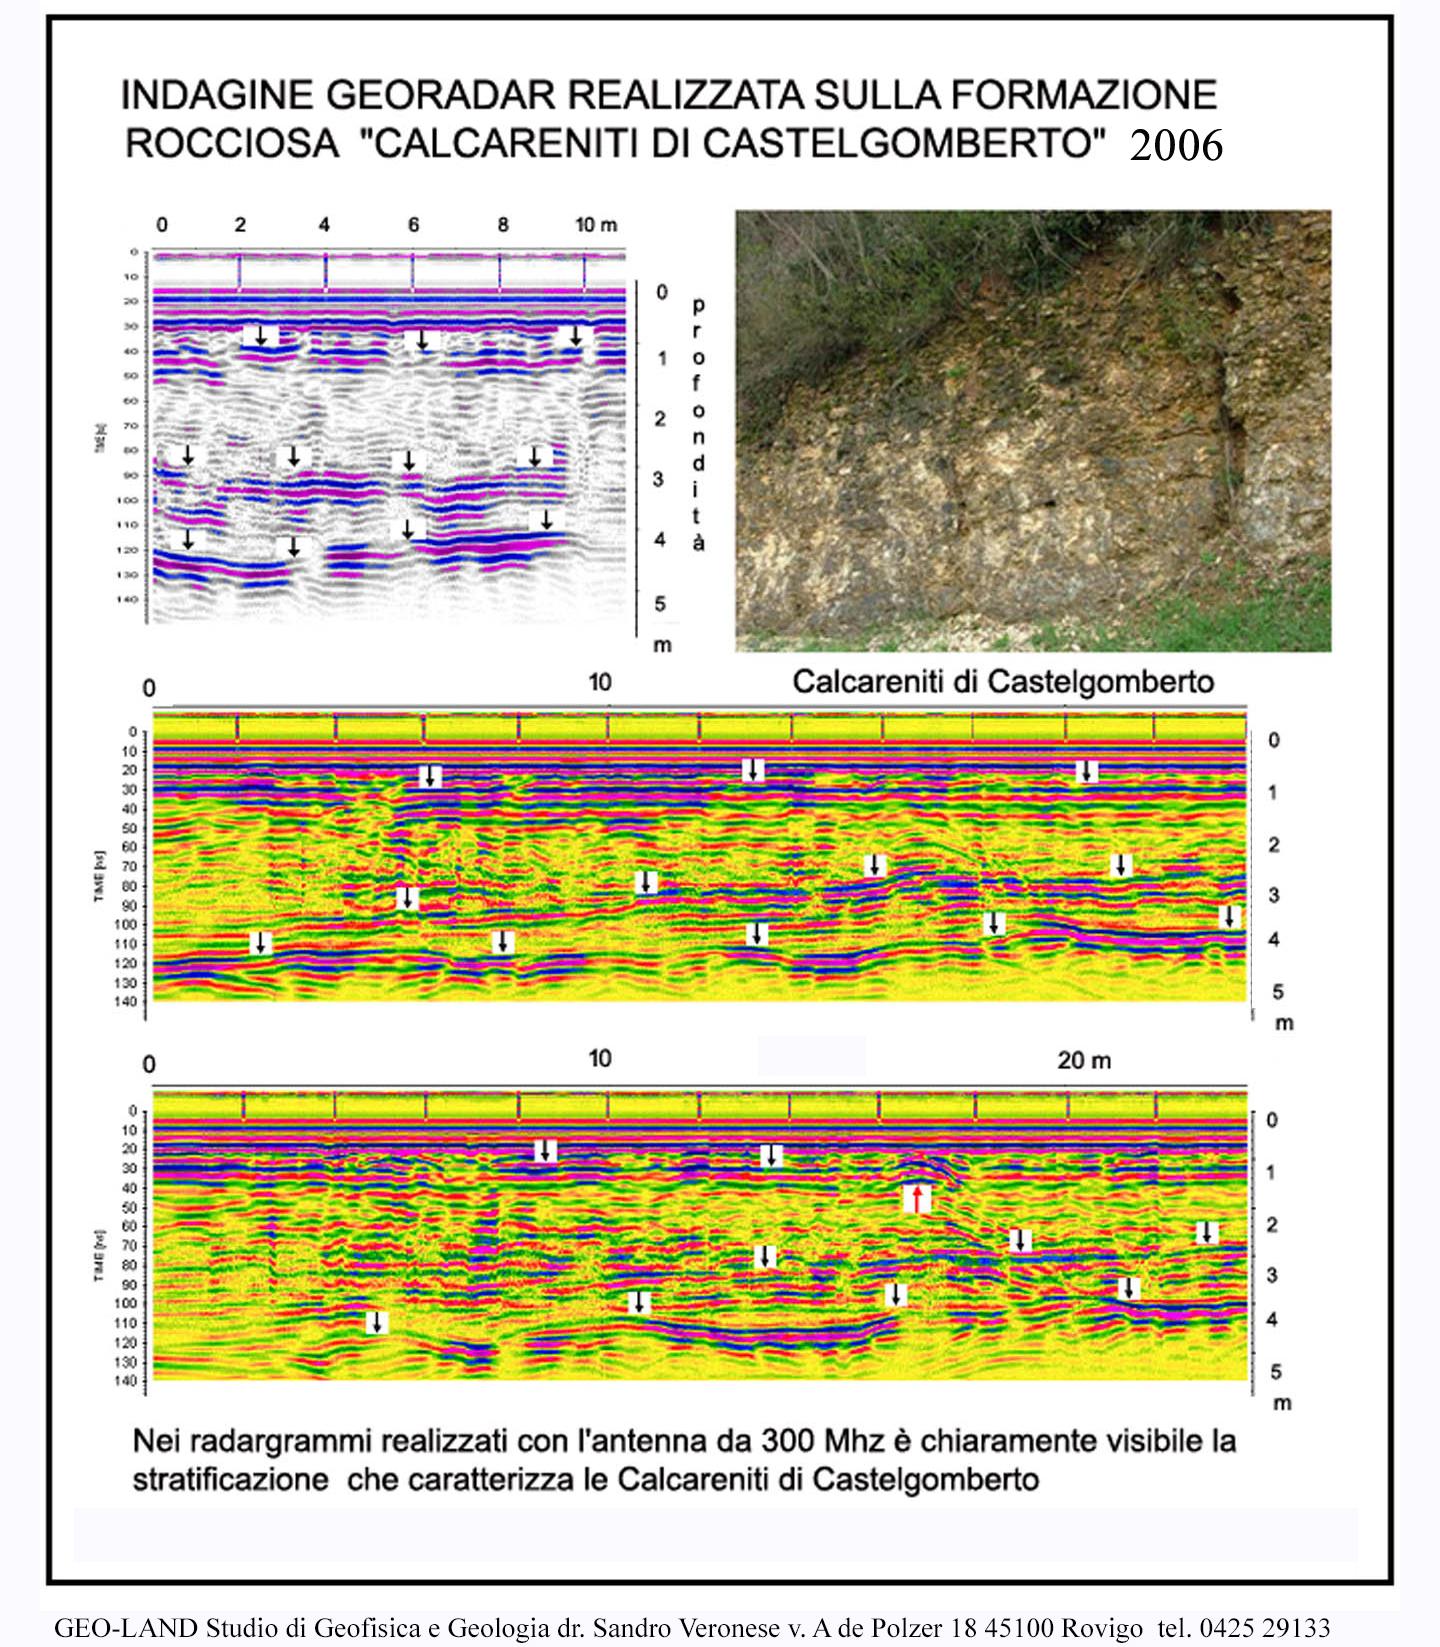 Calcareniti di Castelgombertotris